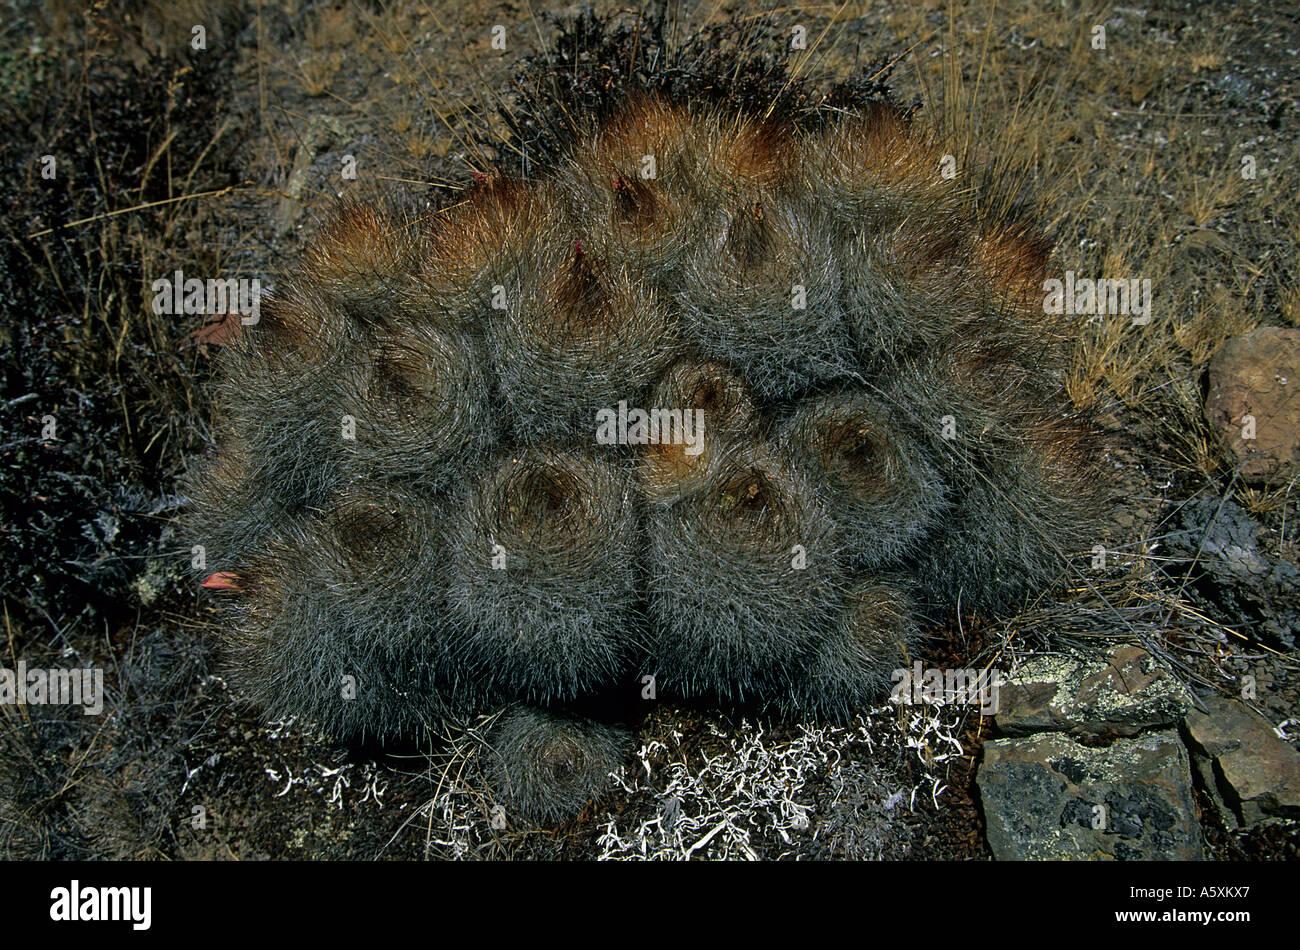 Cactuses on the setting of Winchus (Peru). Cactus (Matucana) sur le site de Winchus (Pérou). Stock Photo